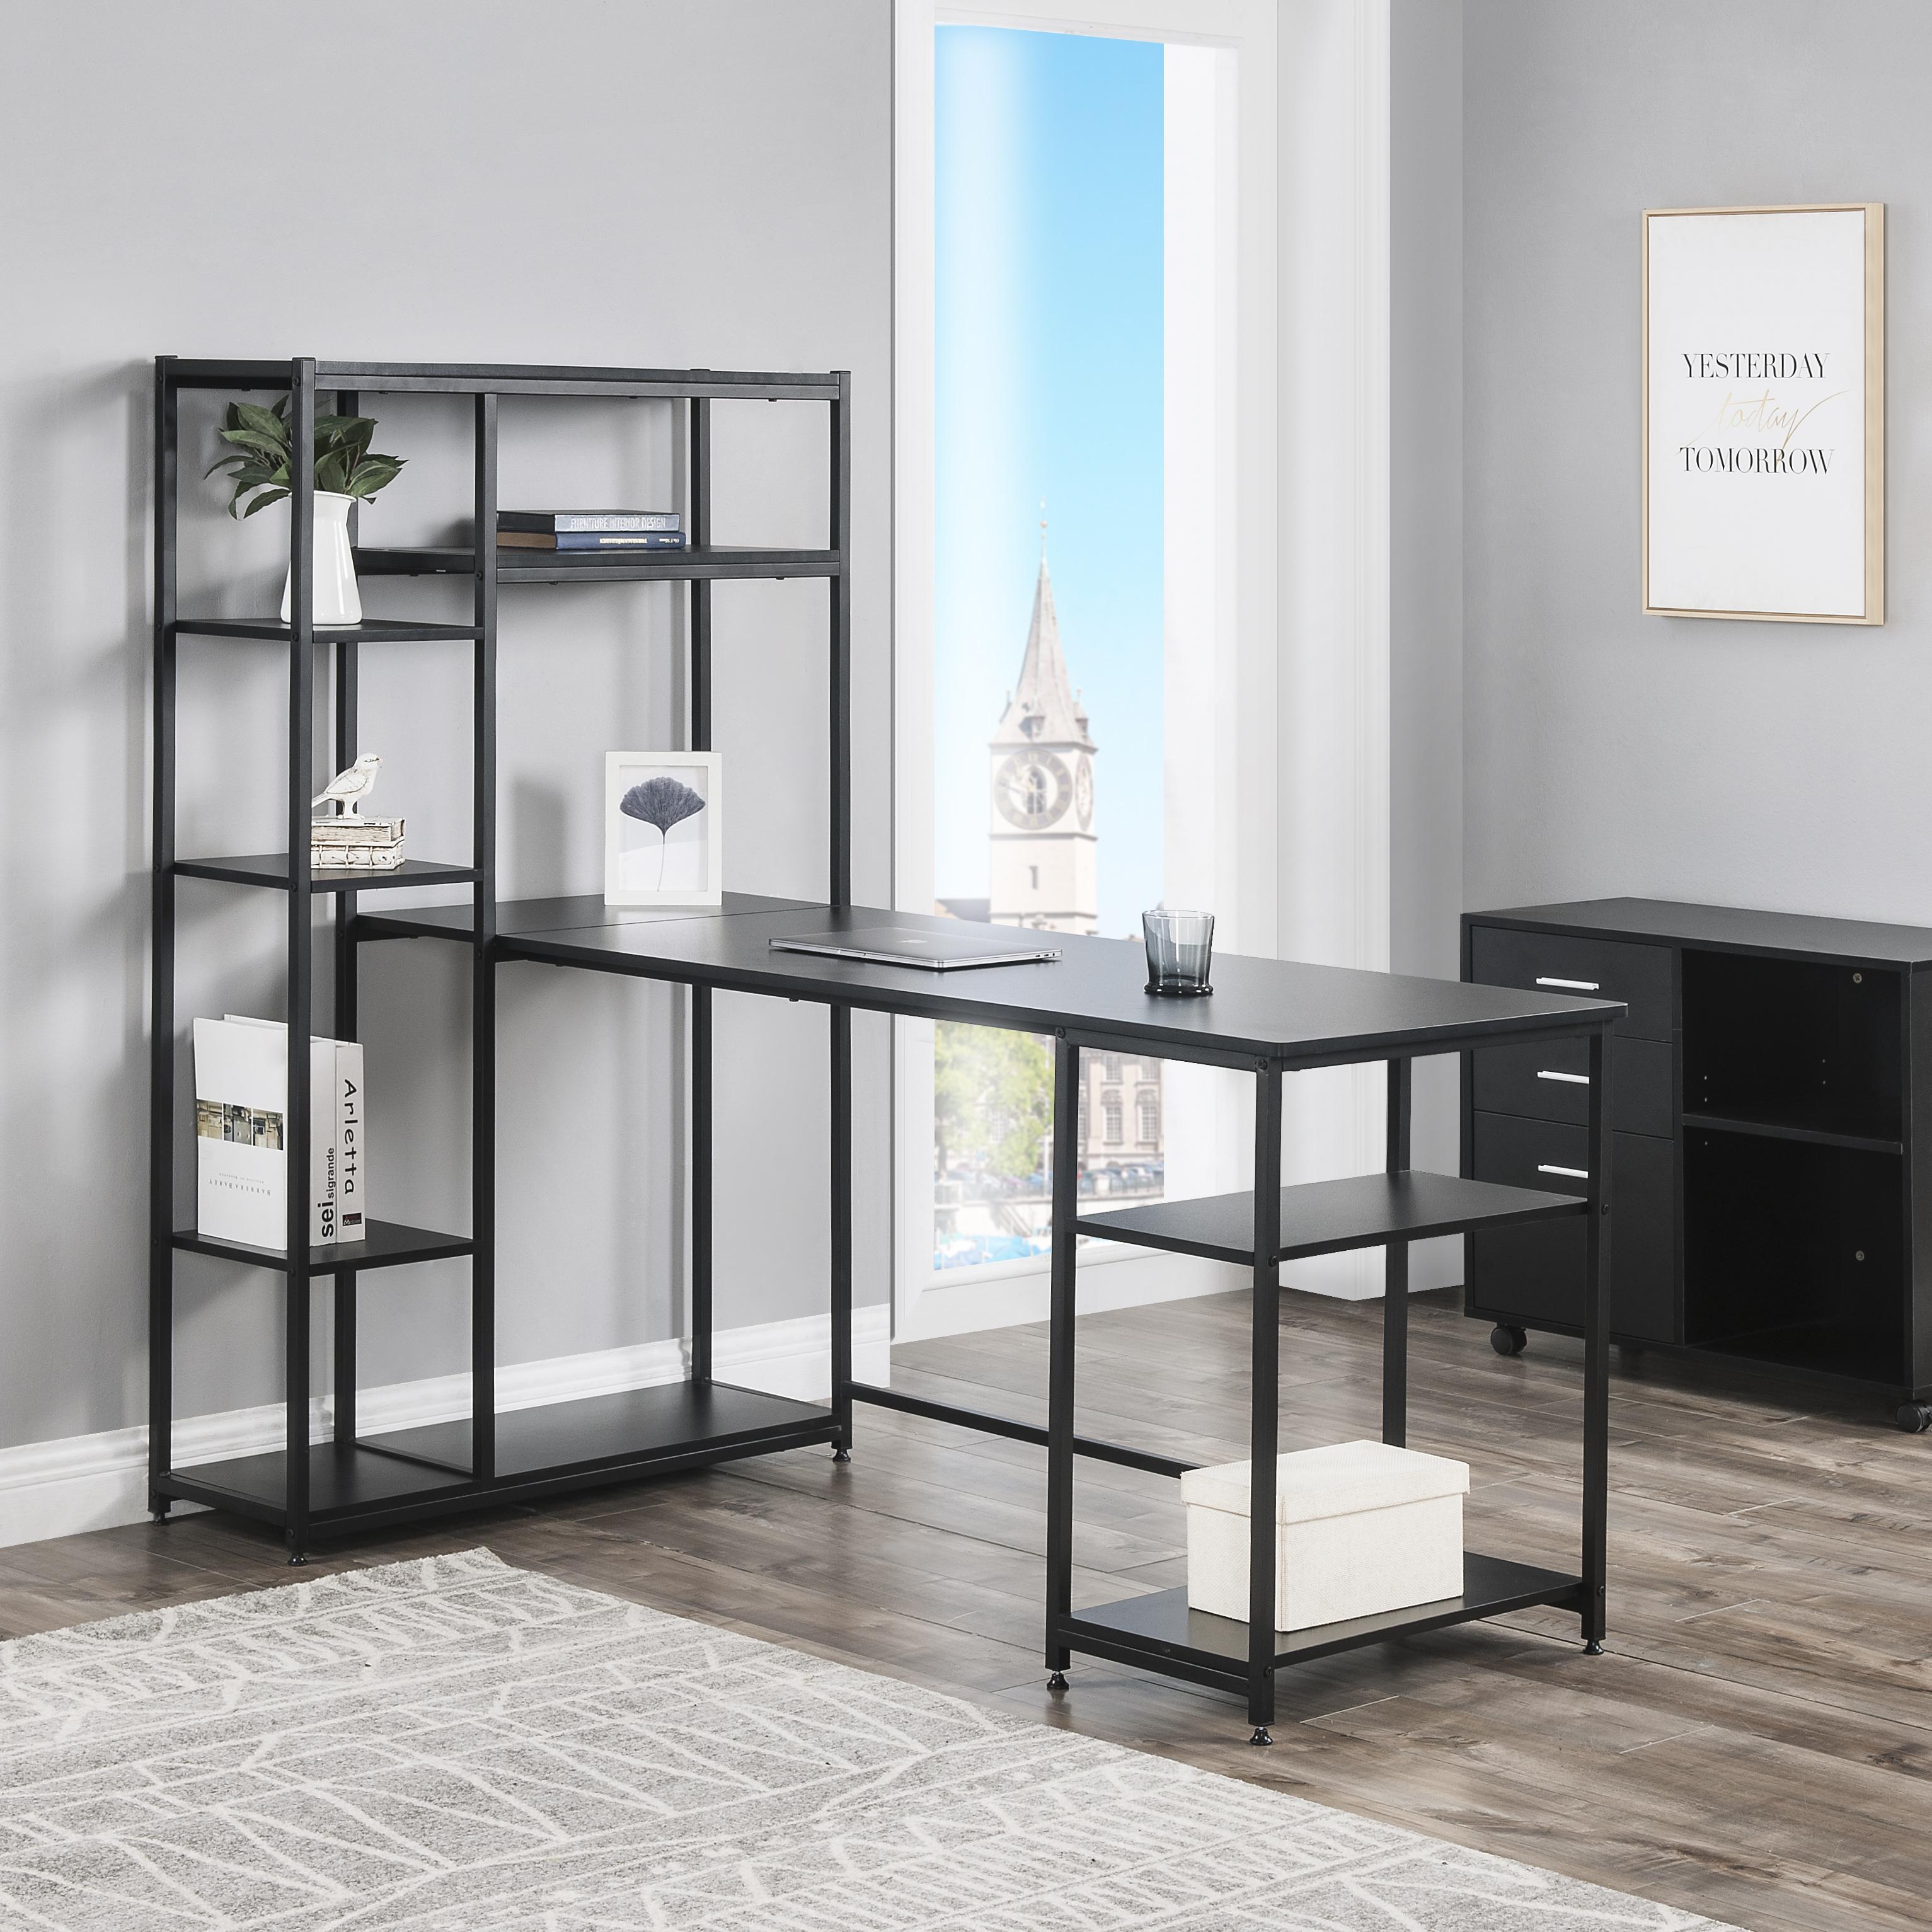 33 Office Computer Desk Multiple Storage Shelves, Modern Large Office  Desk Bookshelf Storage Space Black Living Room Furniture From  Greatfurnishing,